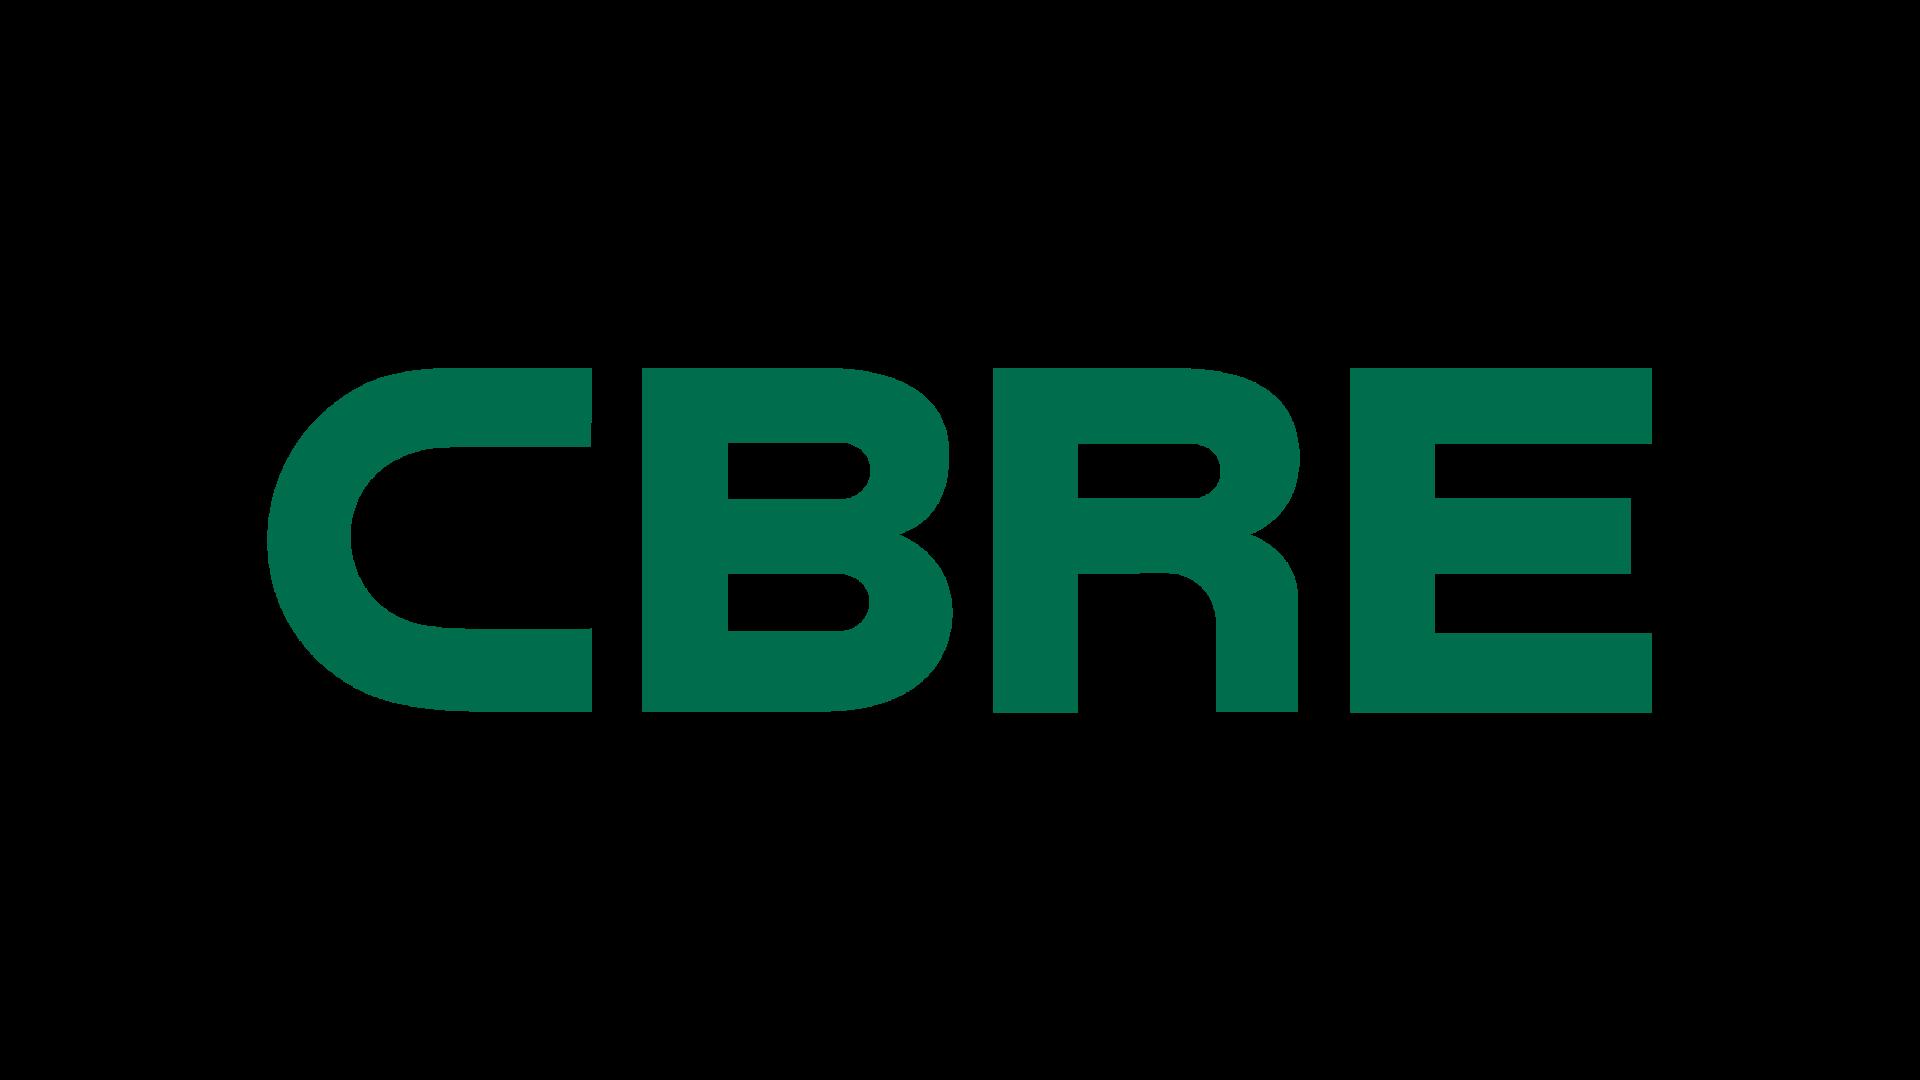 CADS client CBRE